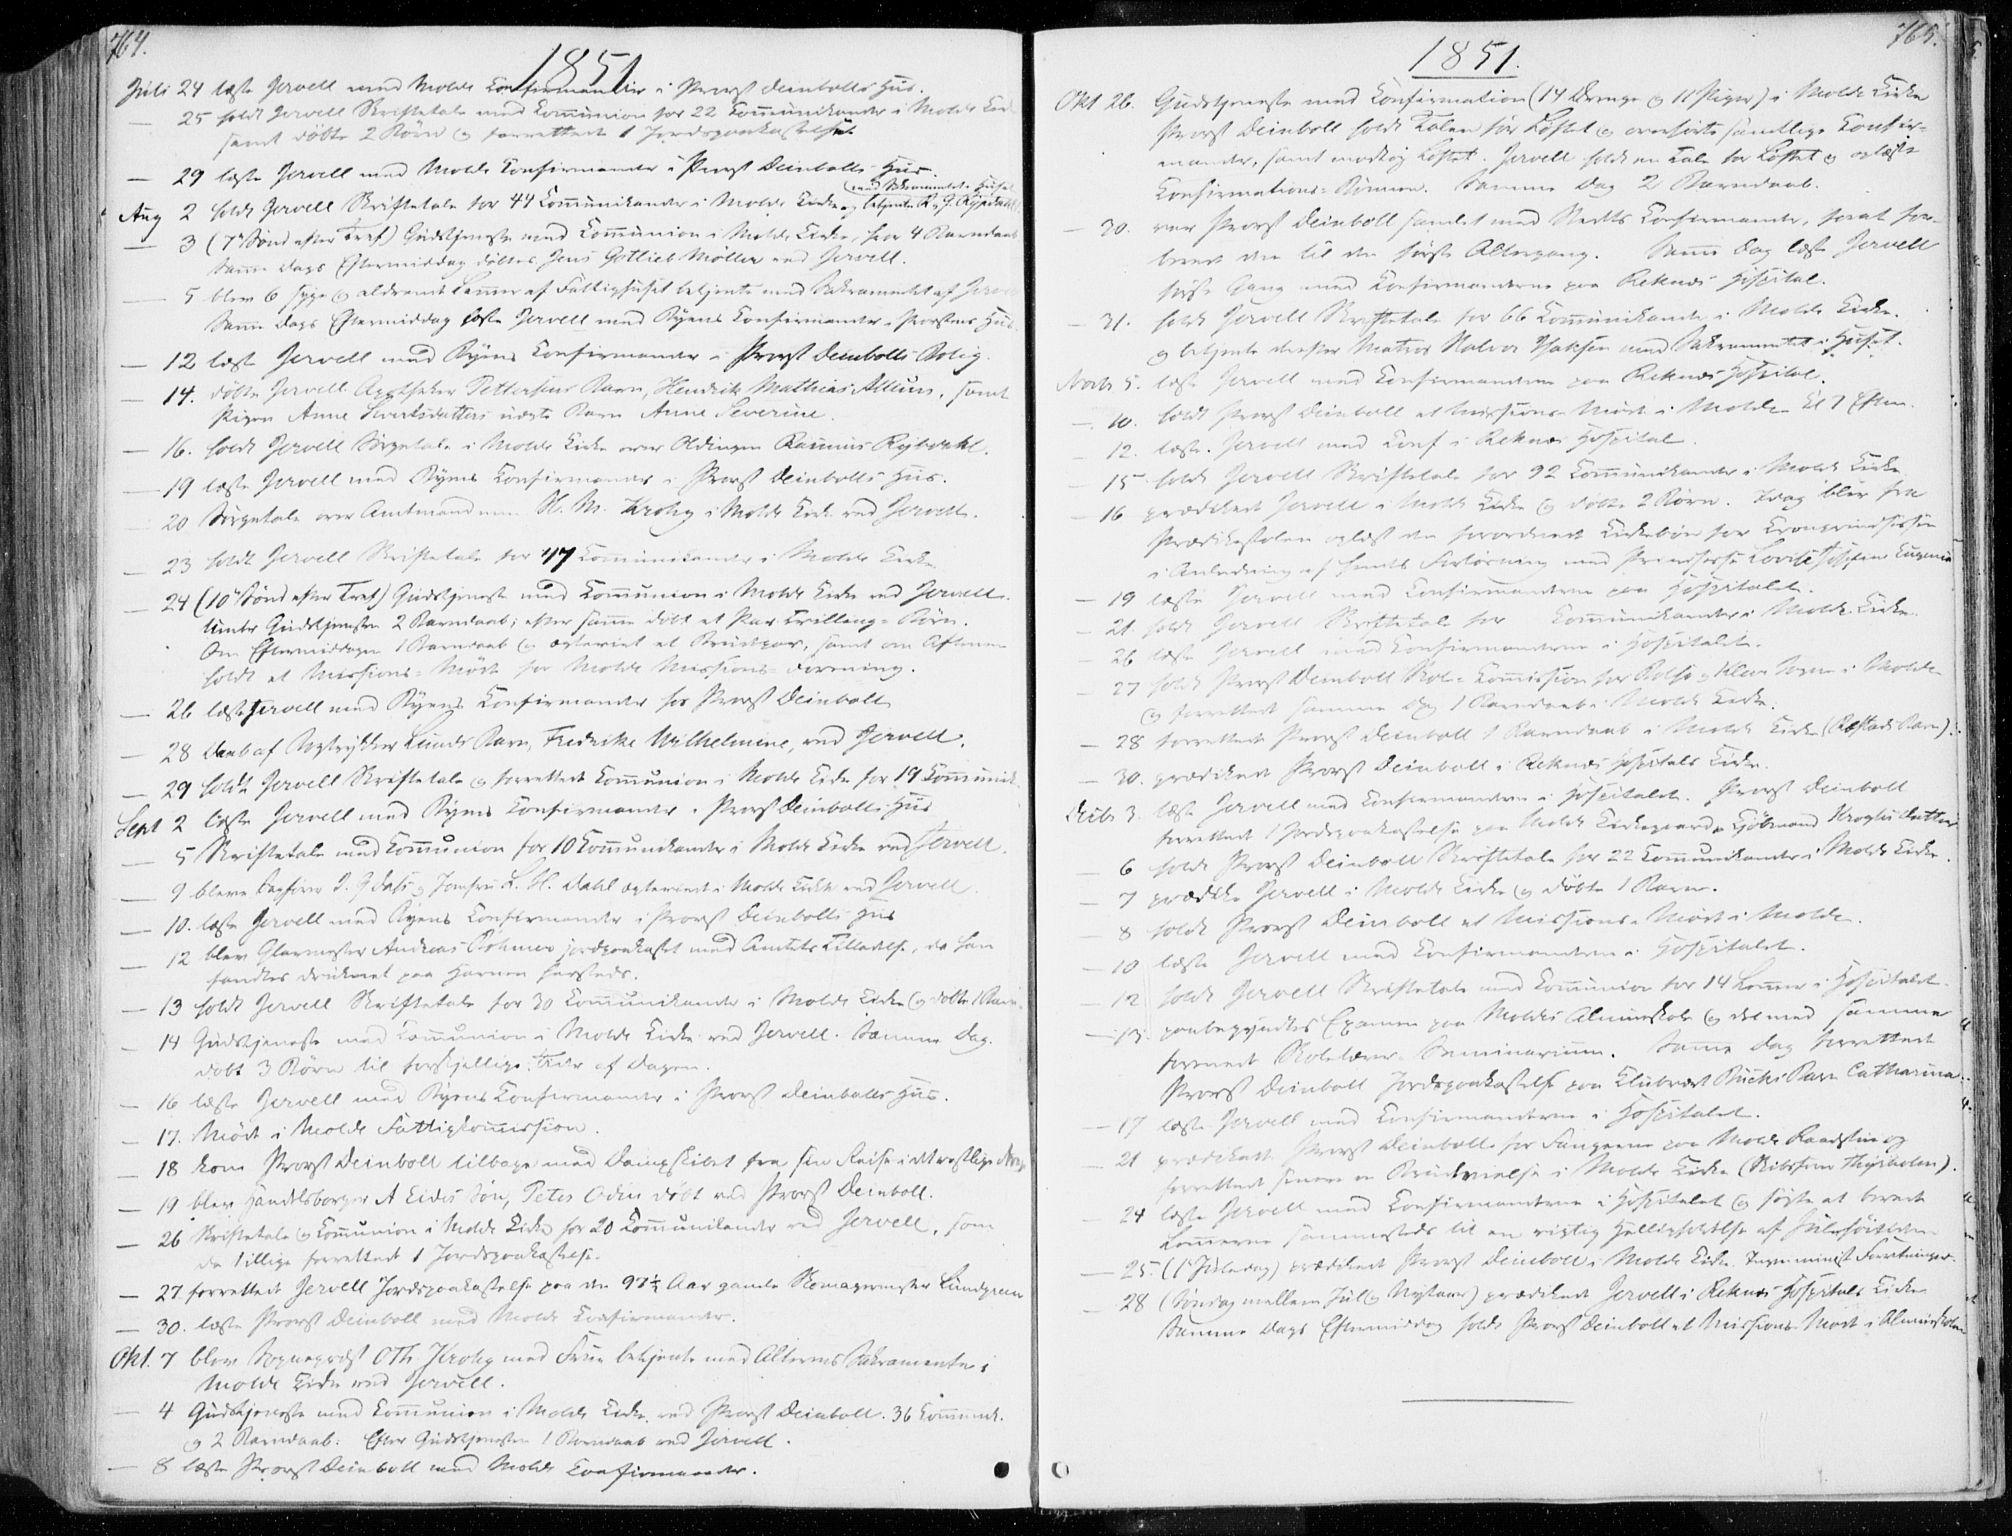 SAT, Ministerialprotokoller, klokkerbøker og fødselsregistre - Møre og Romsdal, 558/L0689: Parish register (official) no. 558A03, 1843-1872, p. 764-765